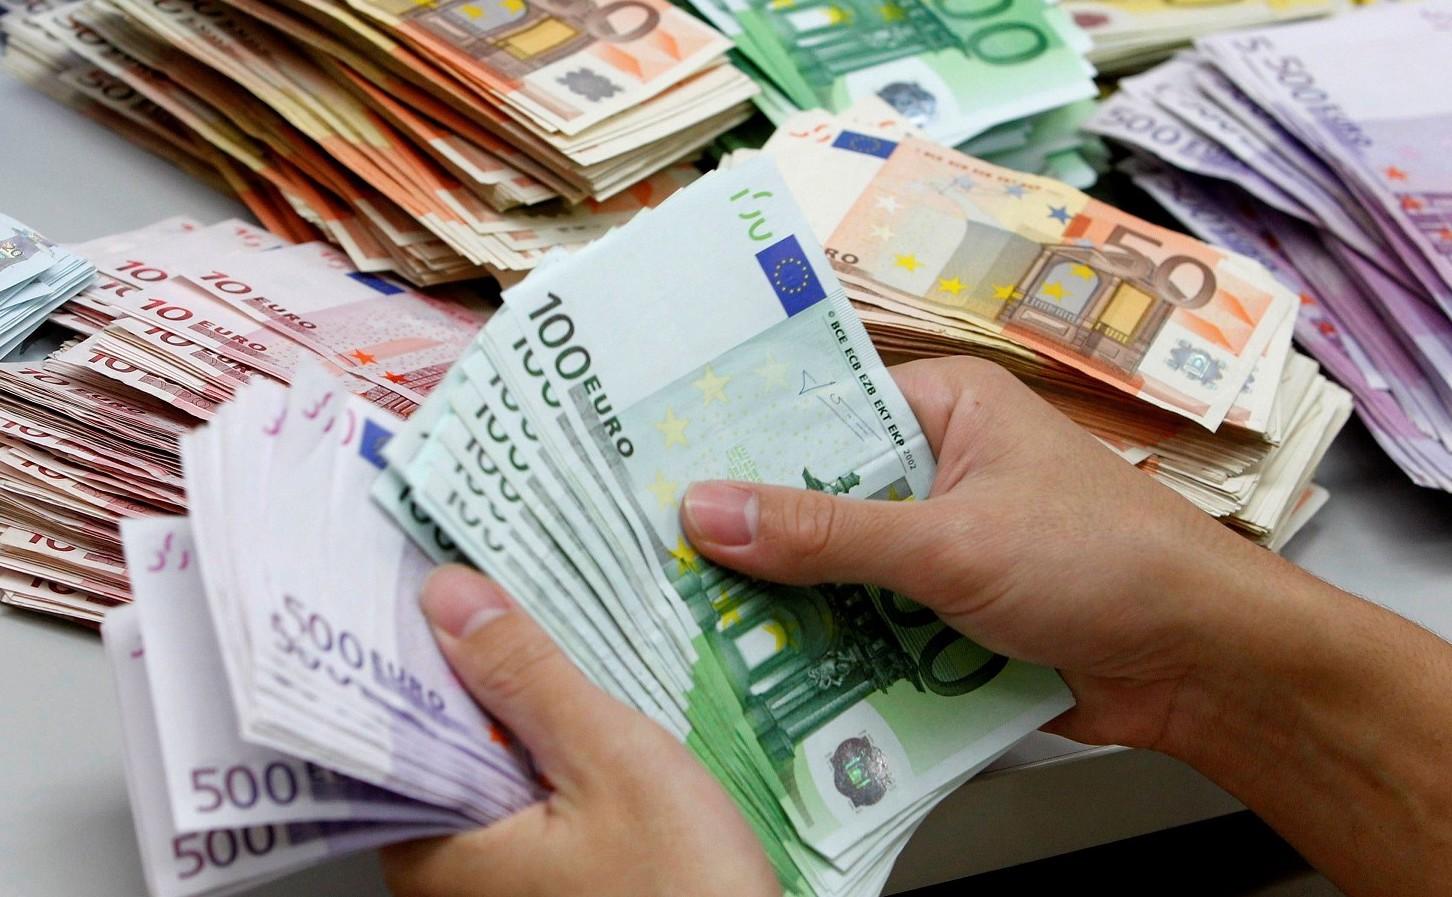 Stipendi e pensioni troppo bassi in Ital